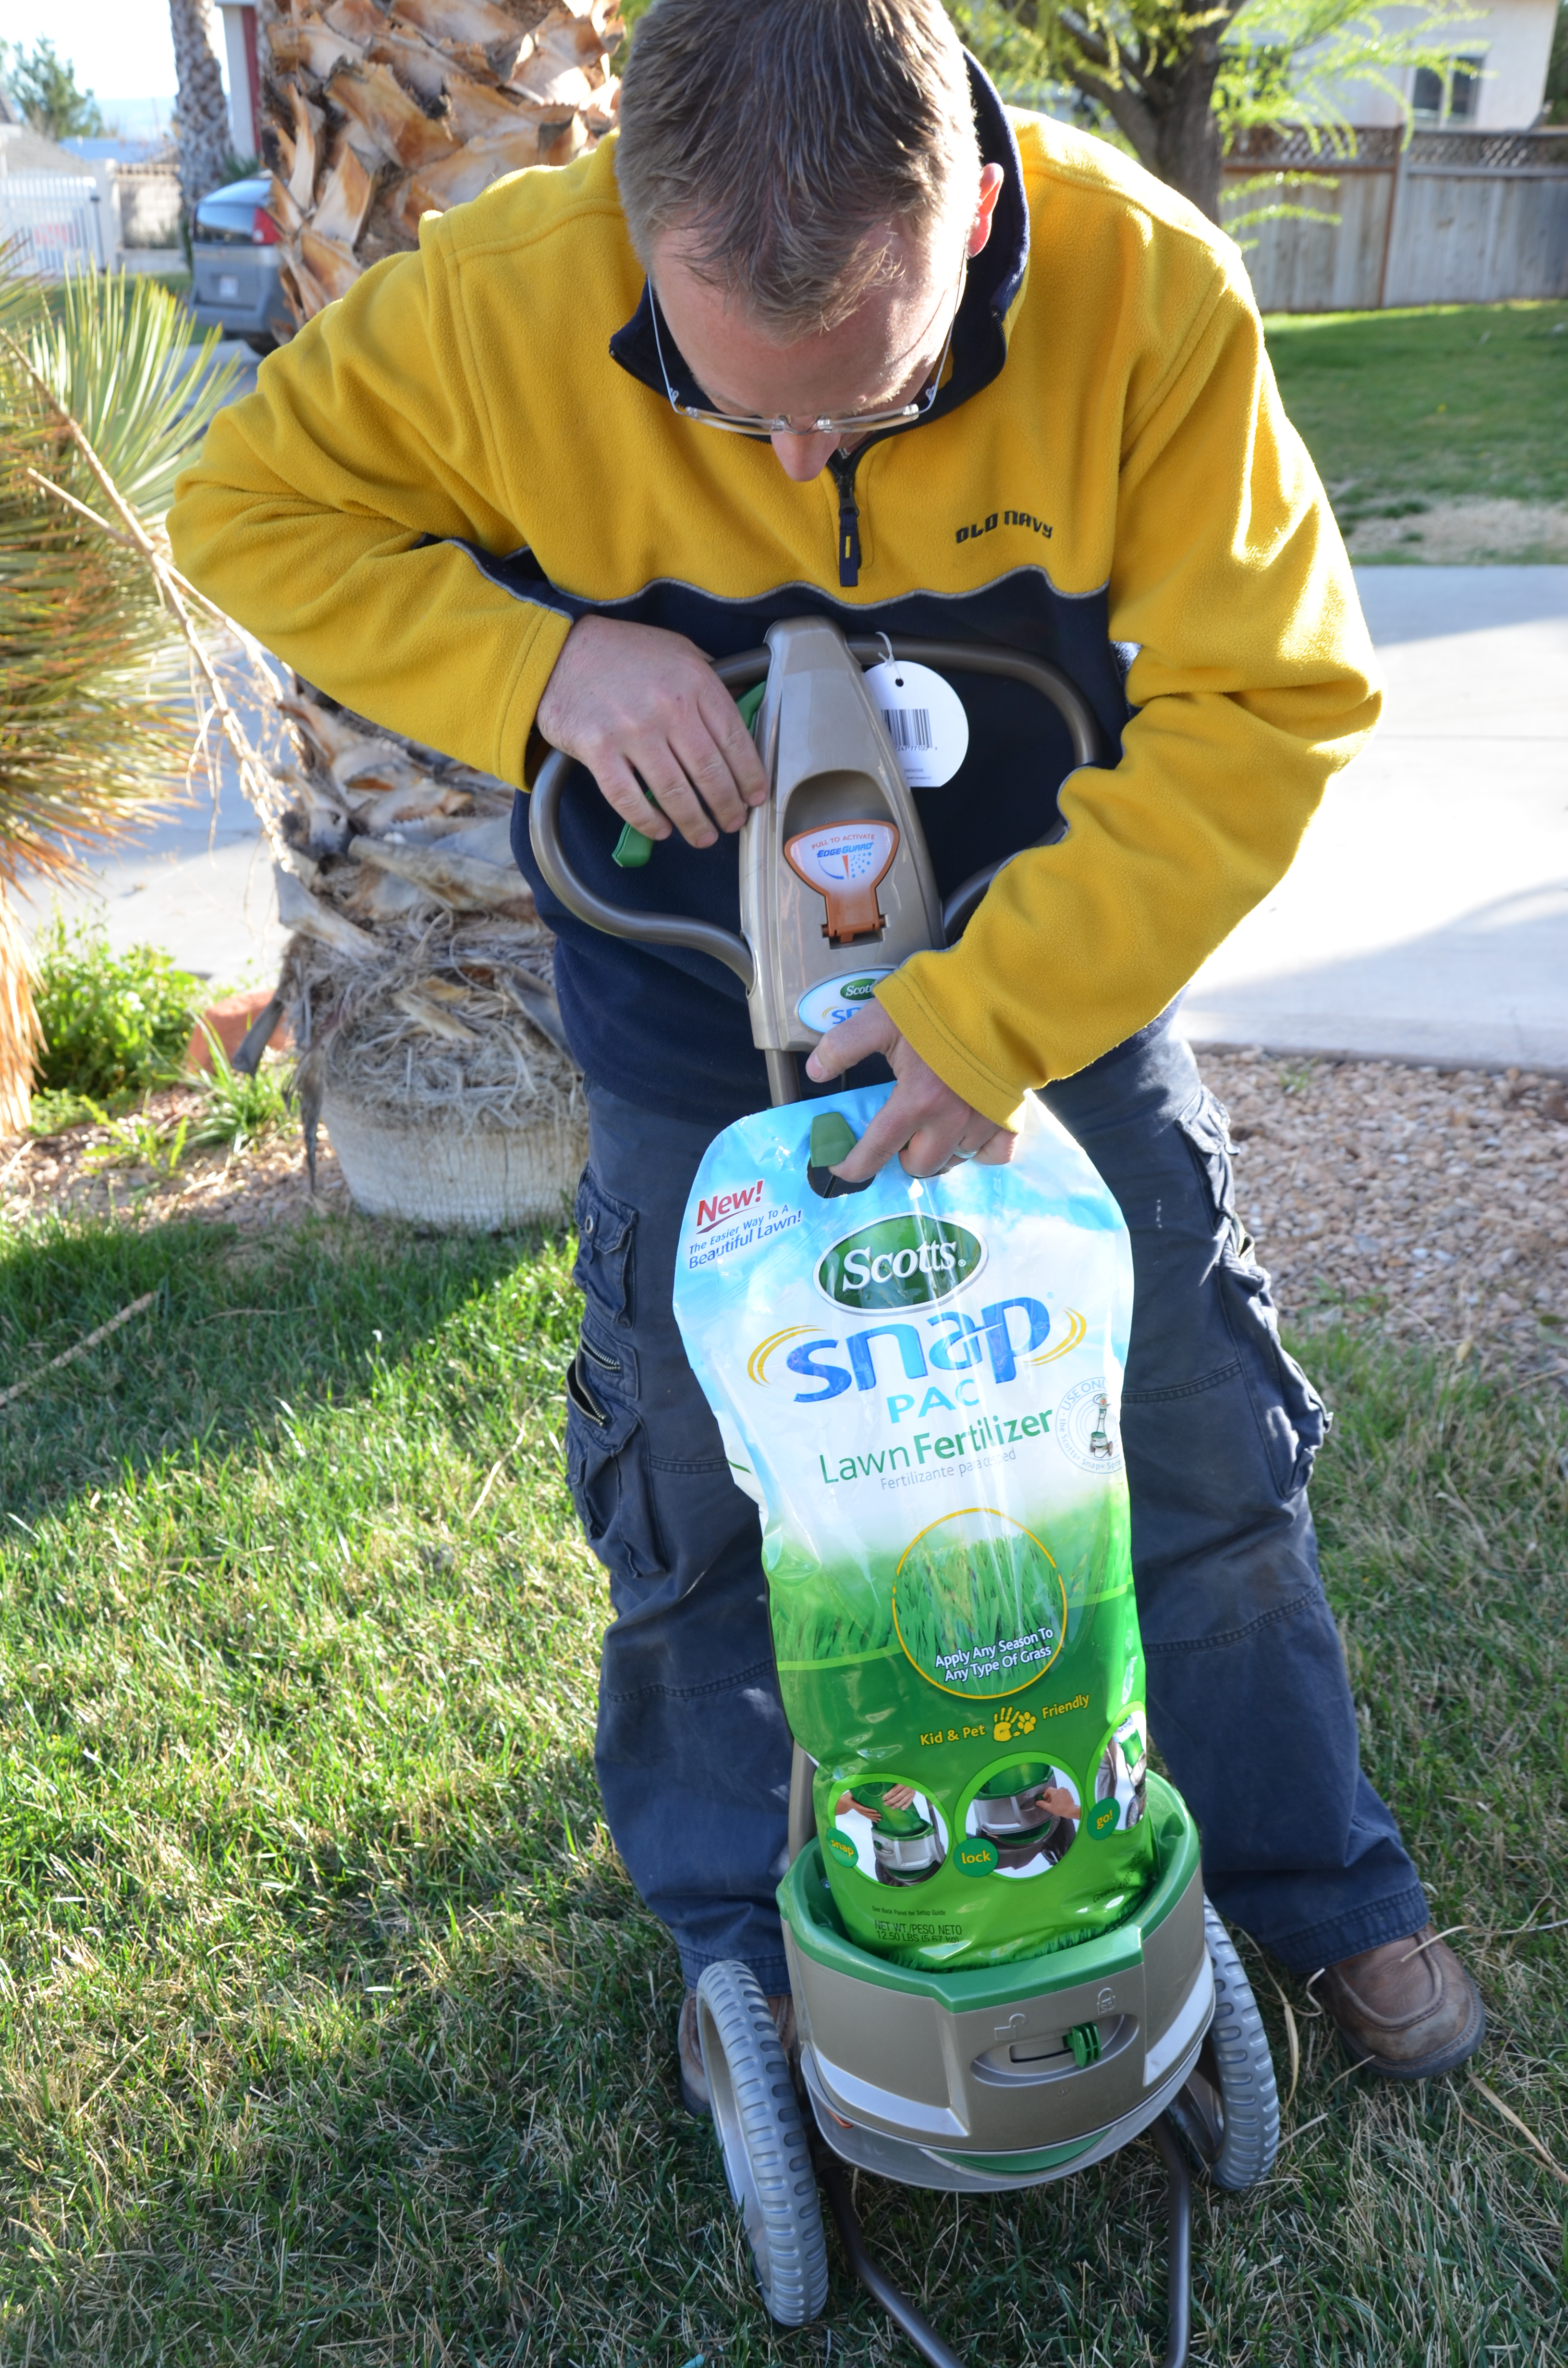 Scotts Snap Spreader System Giveaway